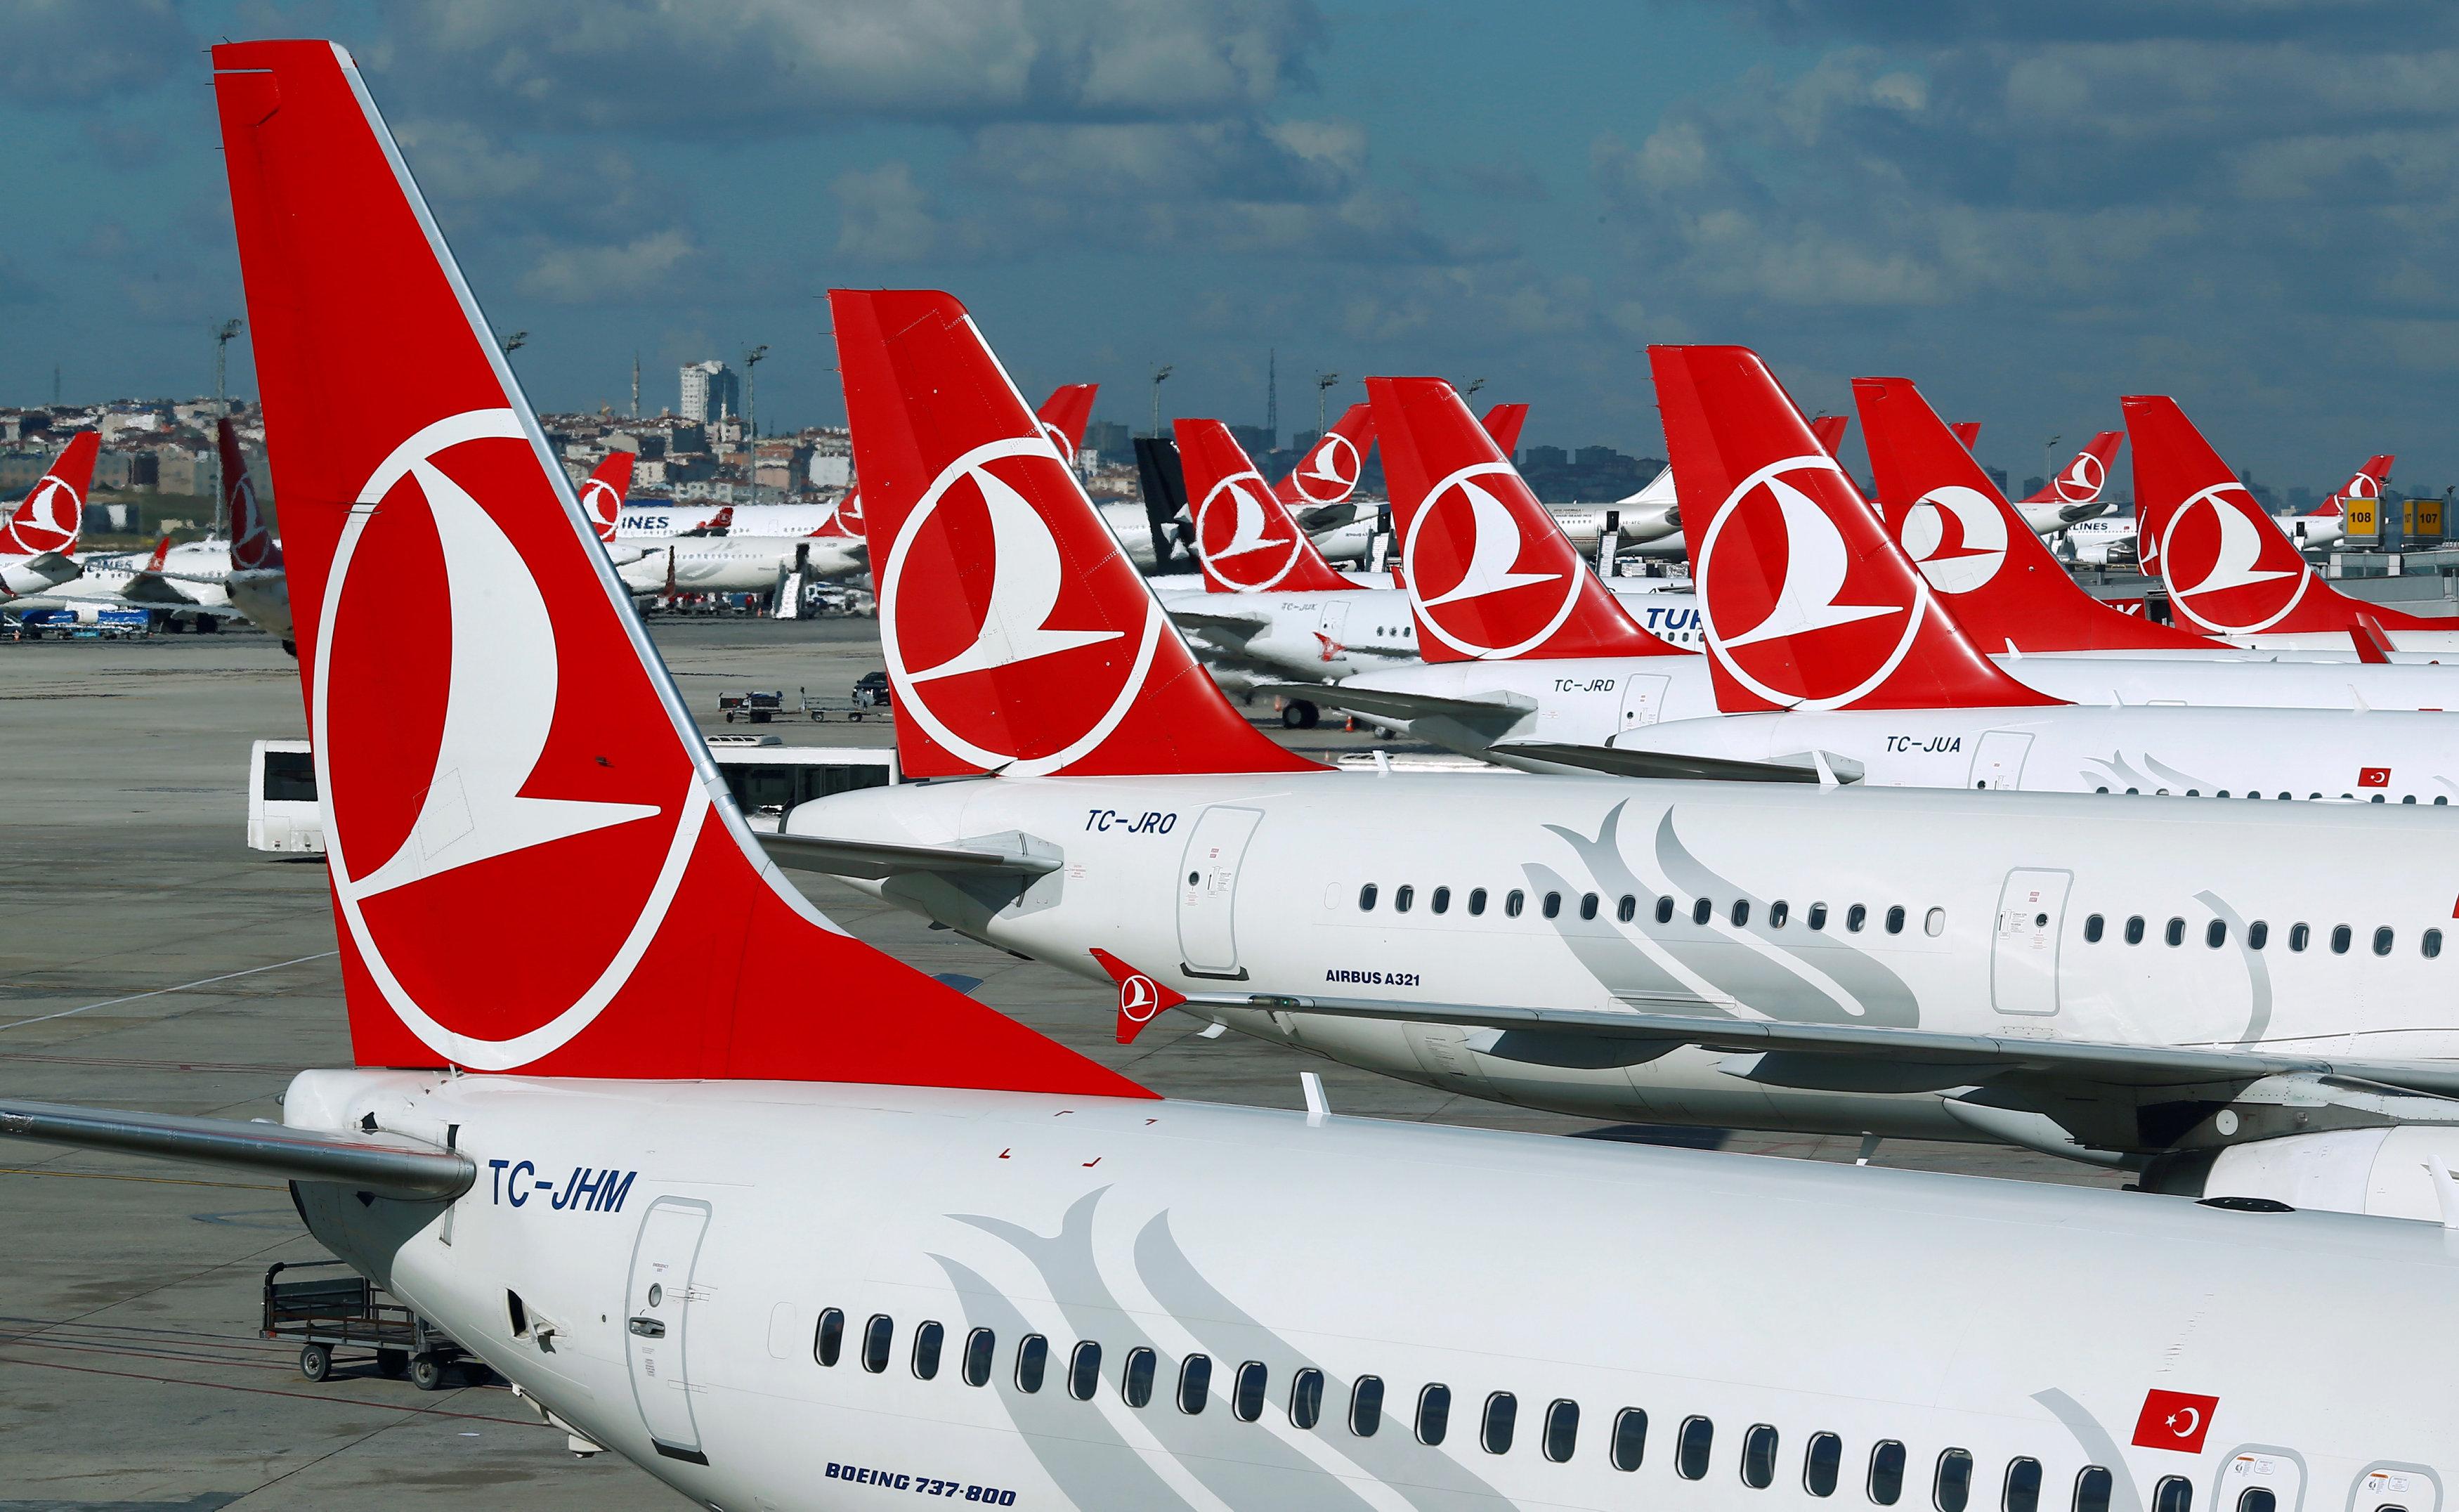 ВСтамбуле эвакуировали пассажиров Boeing из-за сообщения обомбе